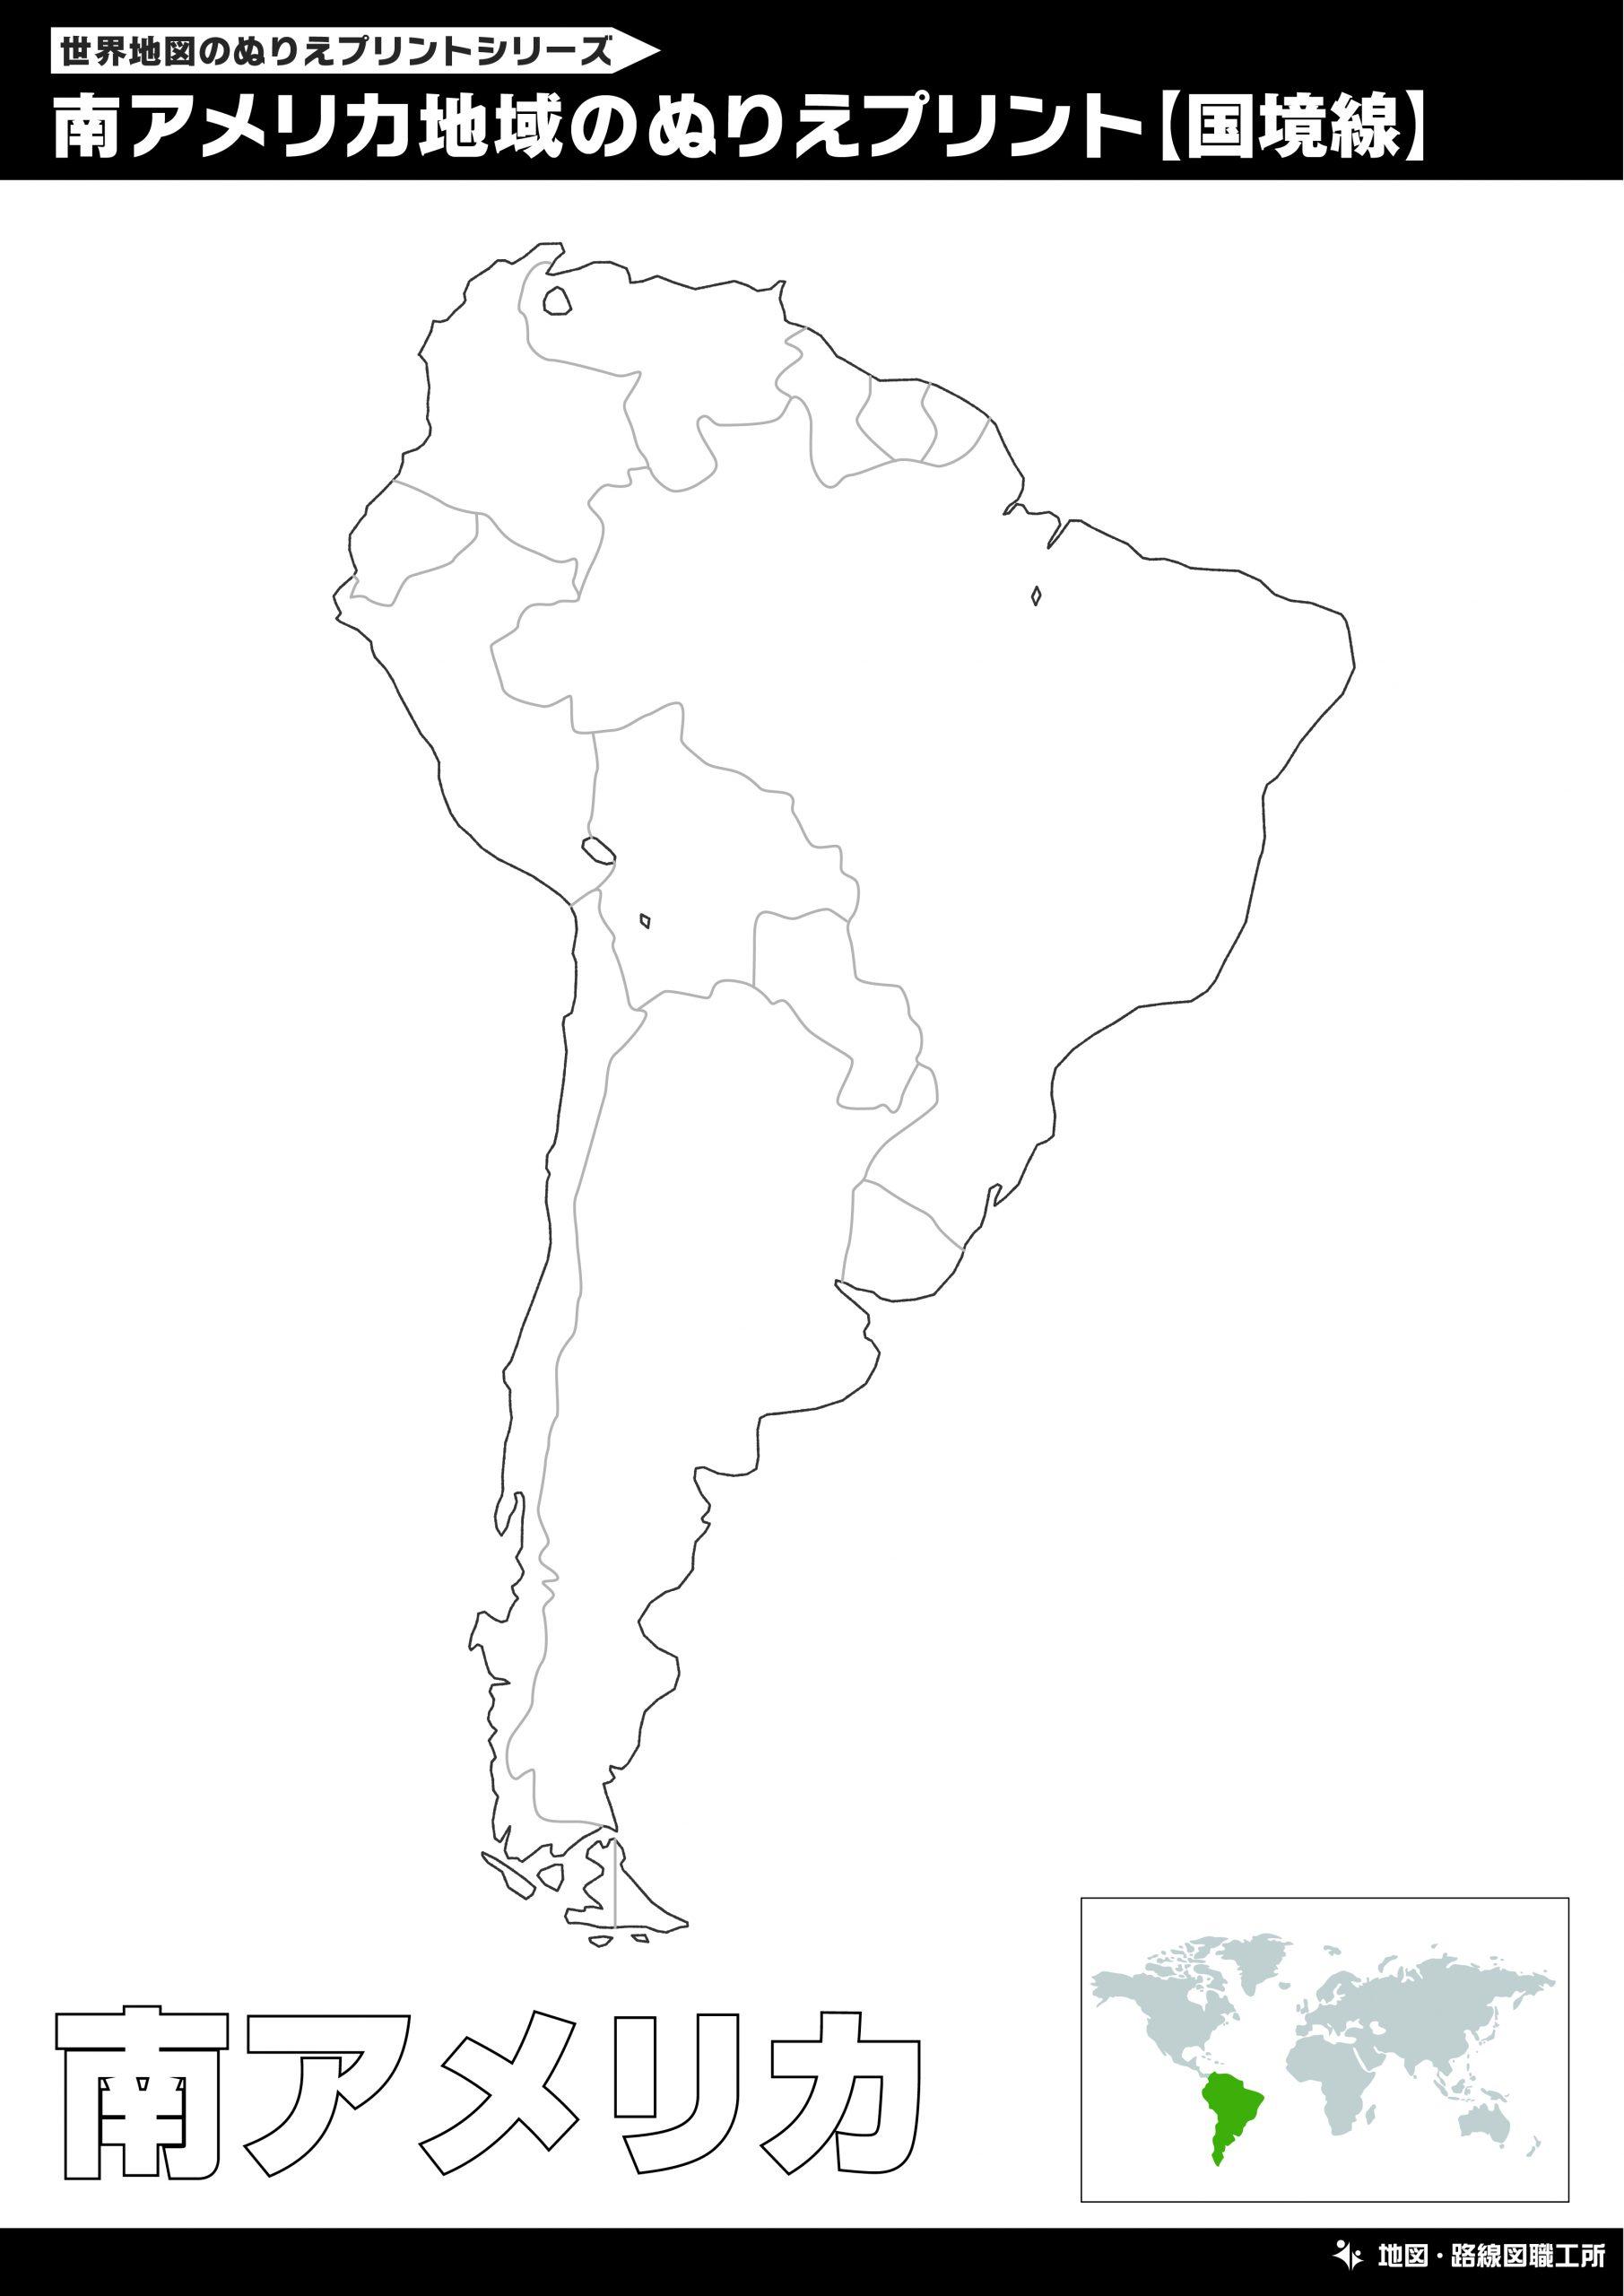 南アメリカ地図のぬりえ 国境線あり